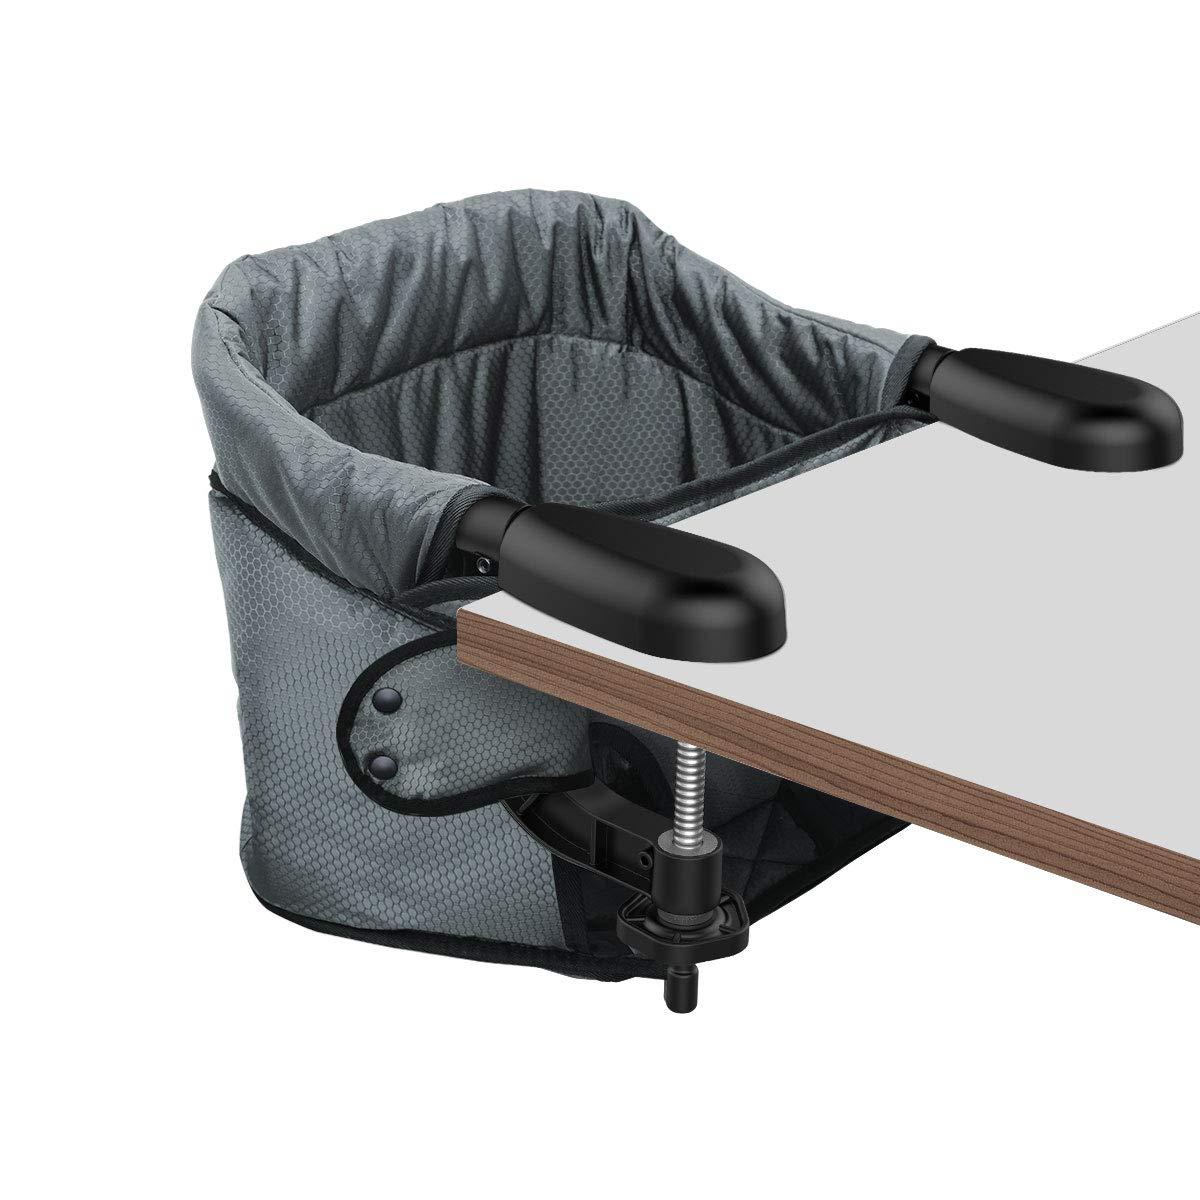 Новинка, портативный детский стульчик для кормления, складной стульчик для кормления, сиденье для кормления, ремень безопасности